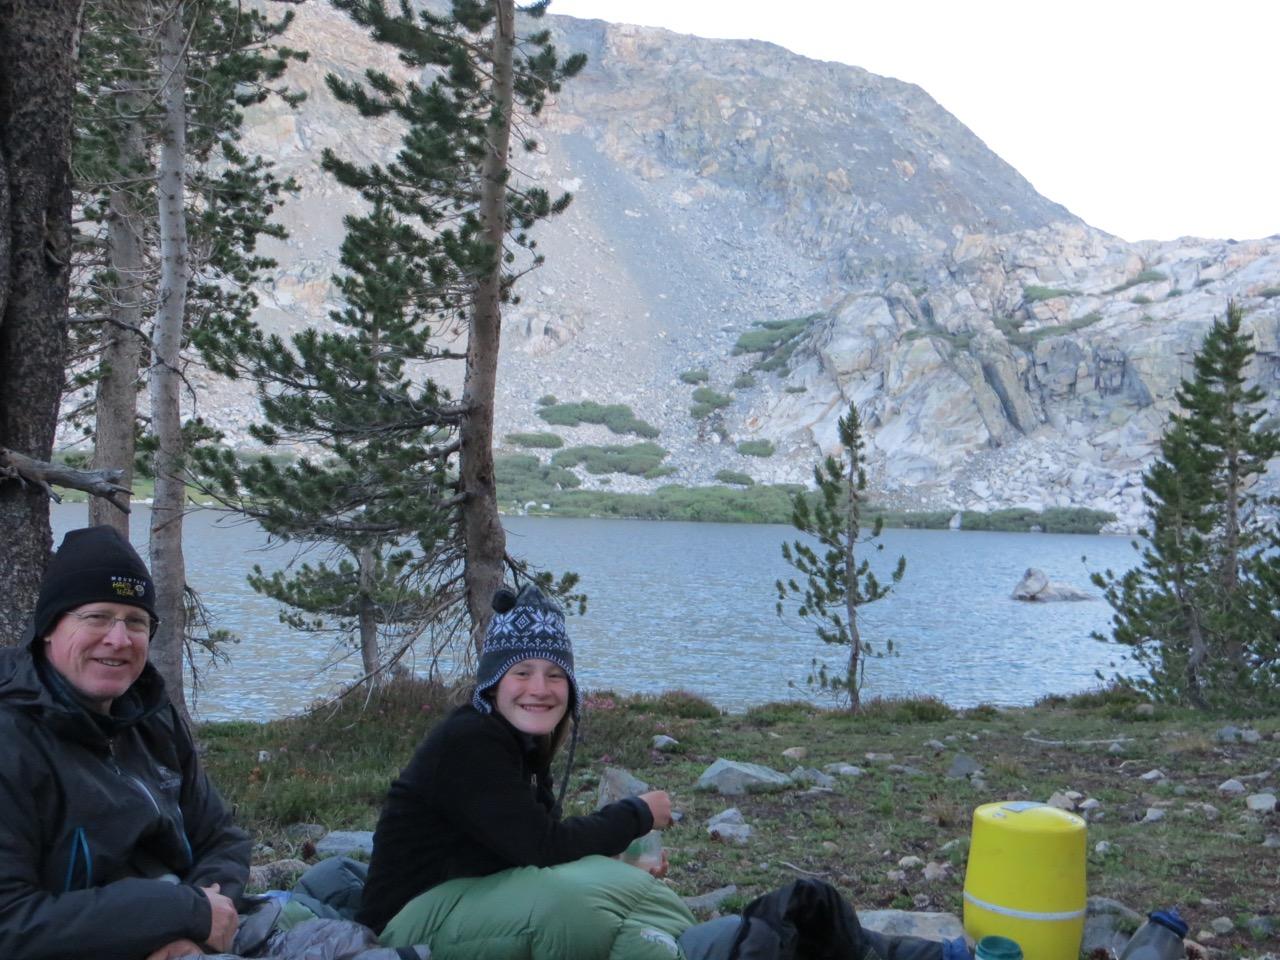 Ken & Jenna at 5 Lakes